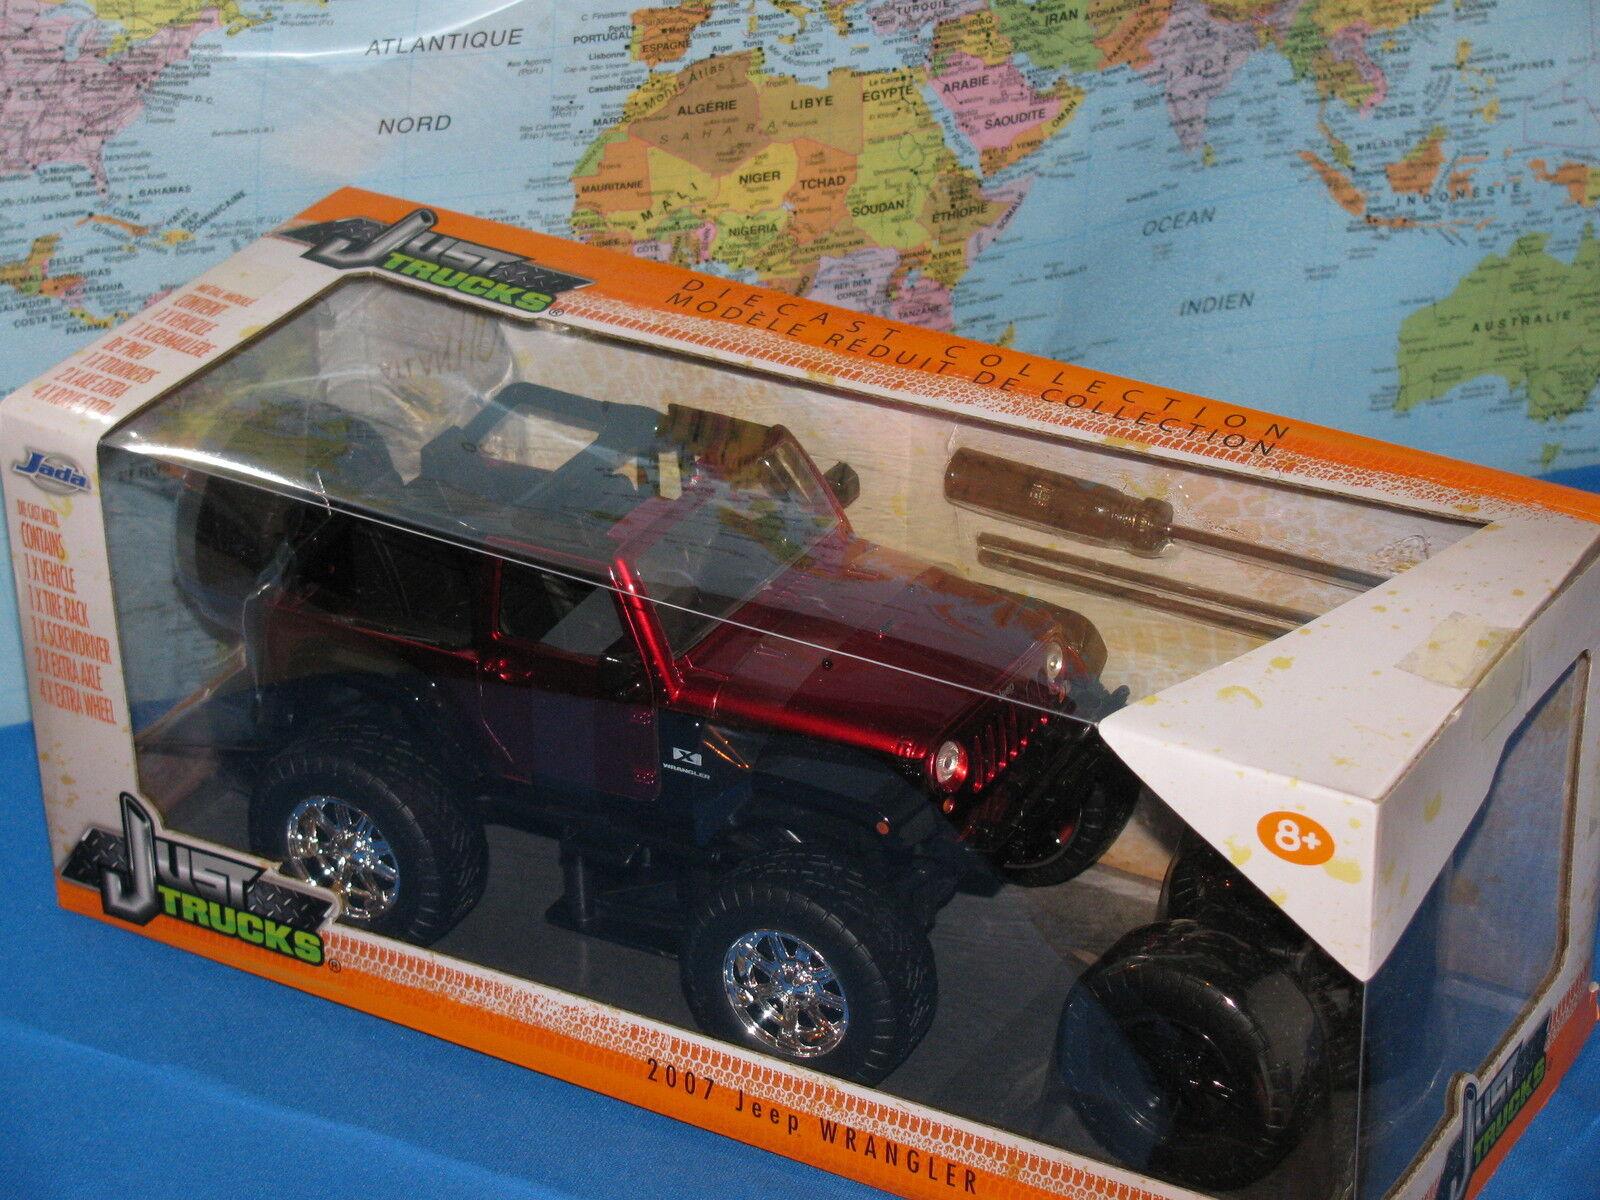 1 24 Jada Just Camion 2007 Jeep Wrangler 4 x extra Ruota Pressofuso Nuovo Vhtf